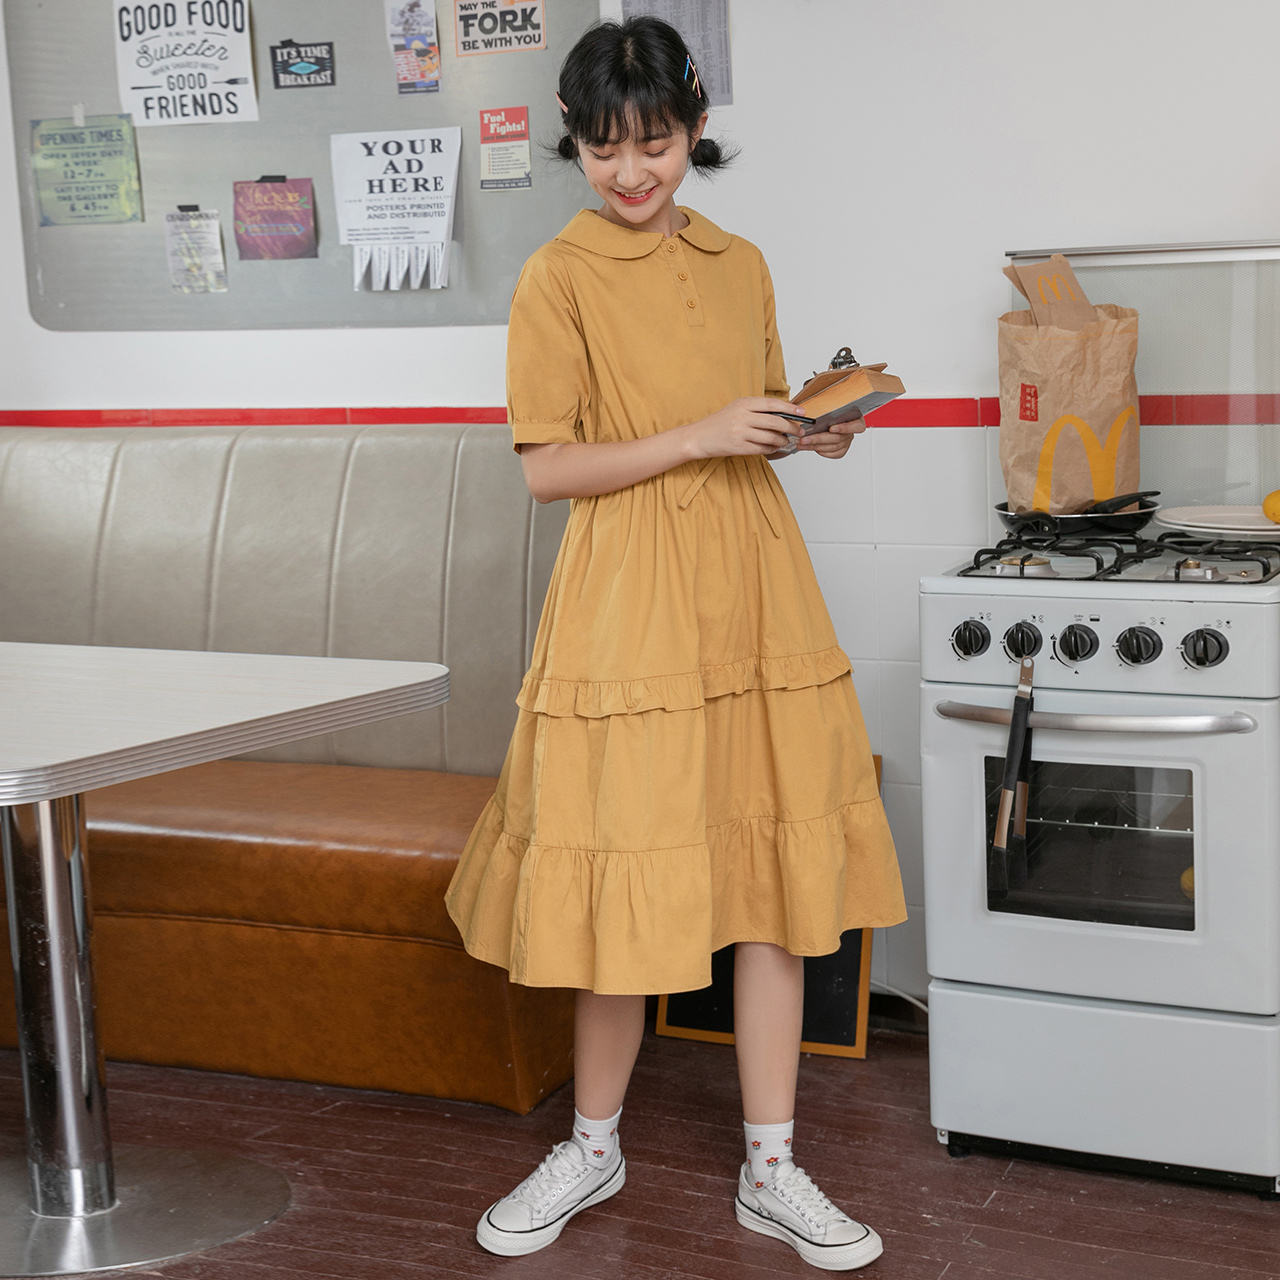 (用216.72元券)中长款桔梗裙复古连衣裙女2019新款夏学生甜美古着感少香料色